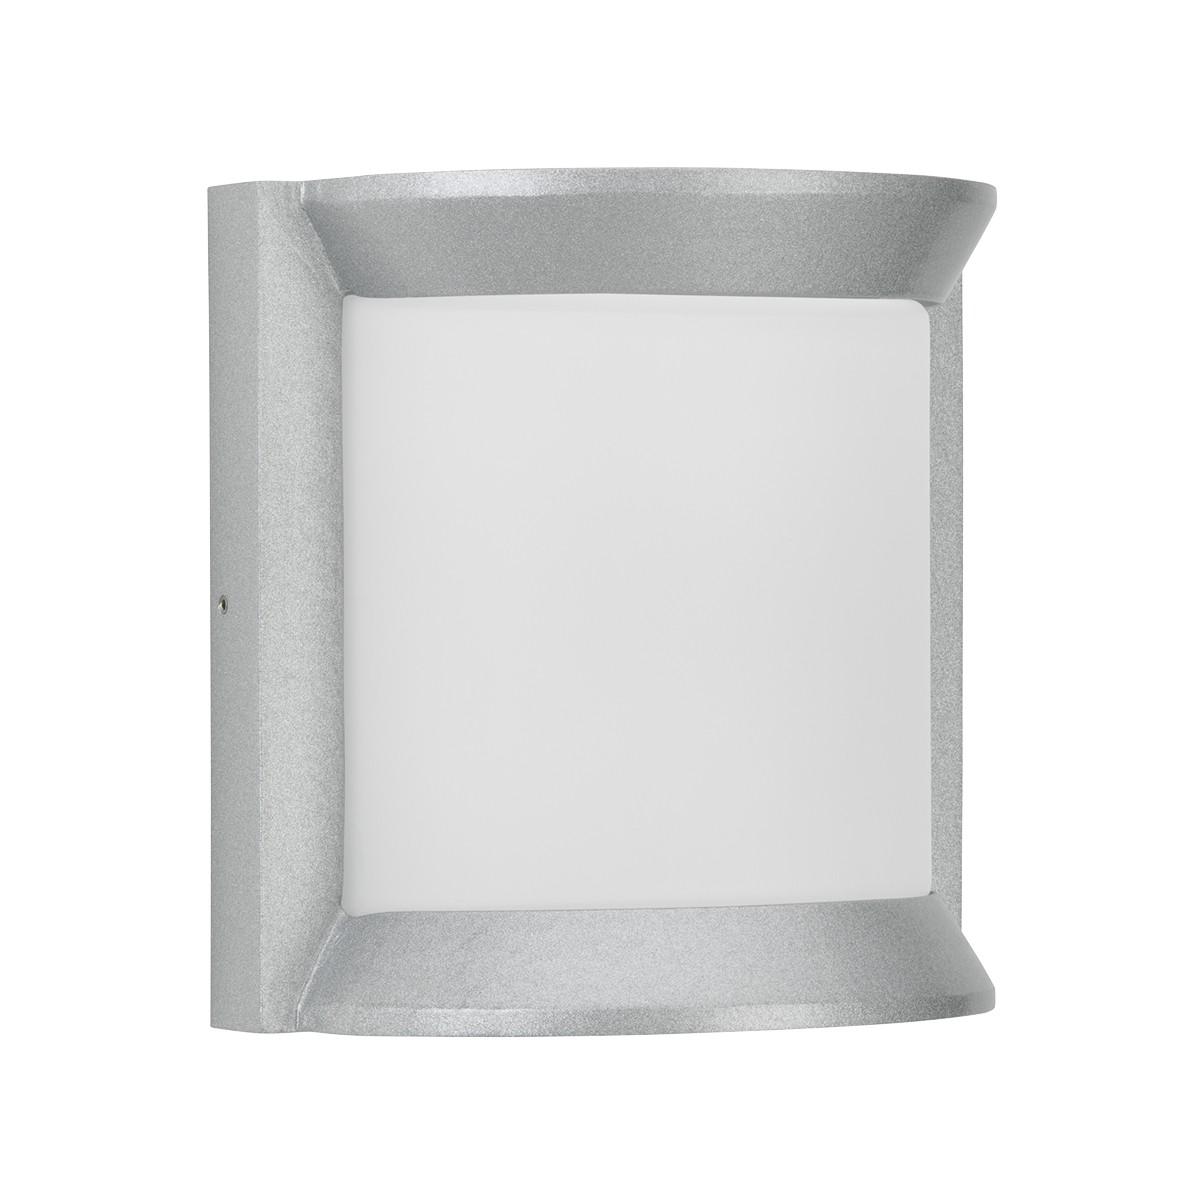 Albert 6388 Wand- / Deckenleuchte LED, Silber